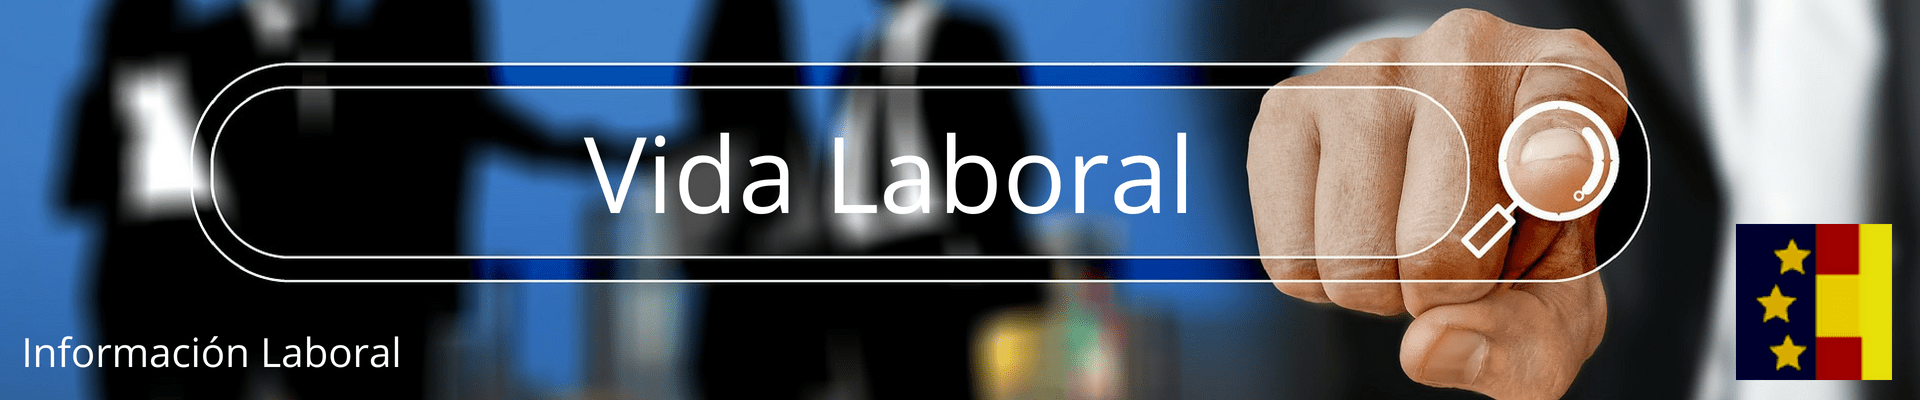 Solicitar Vida Laboral